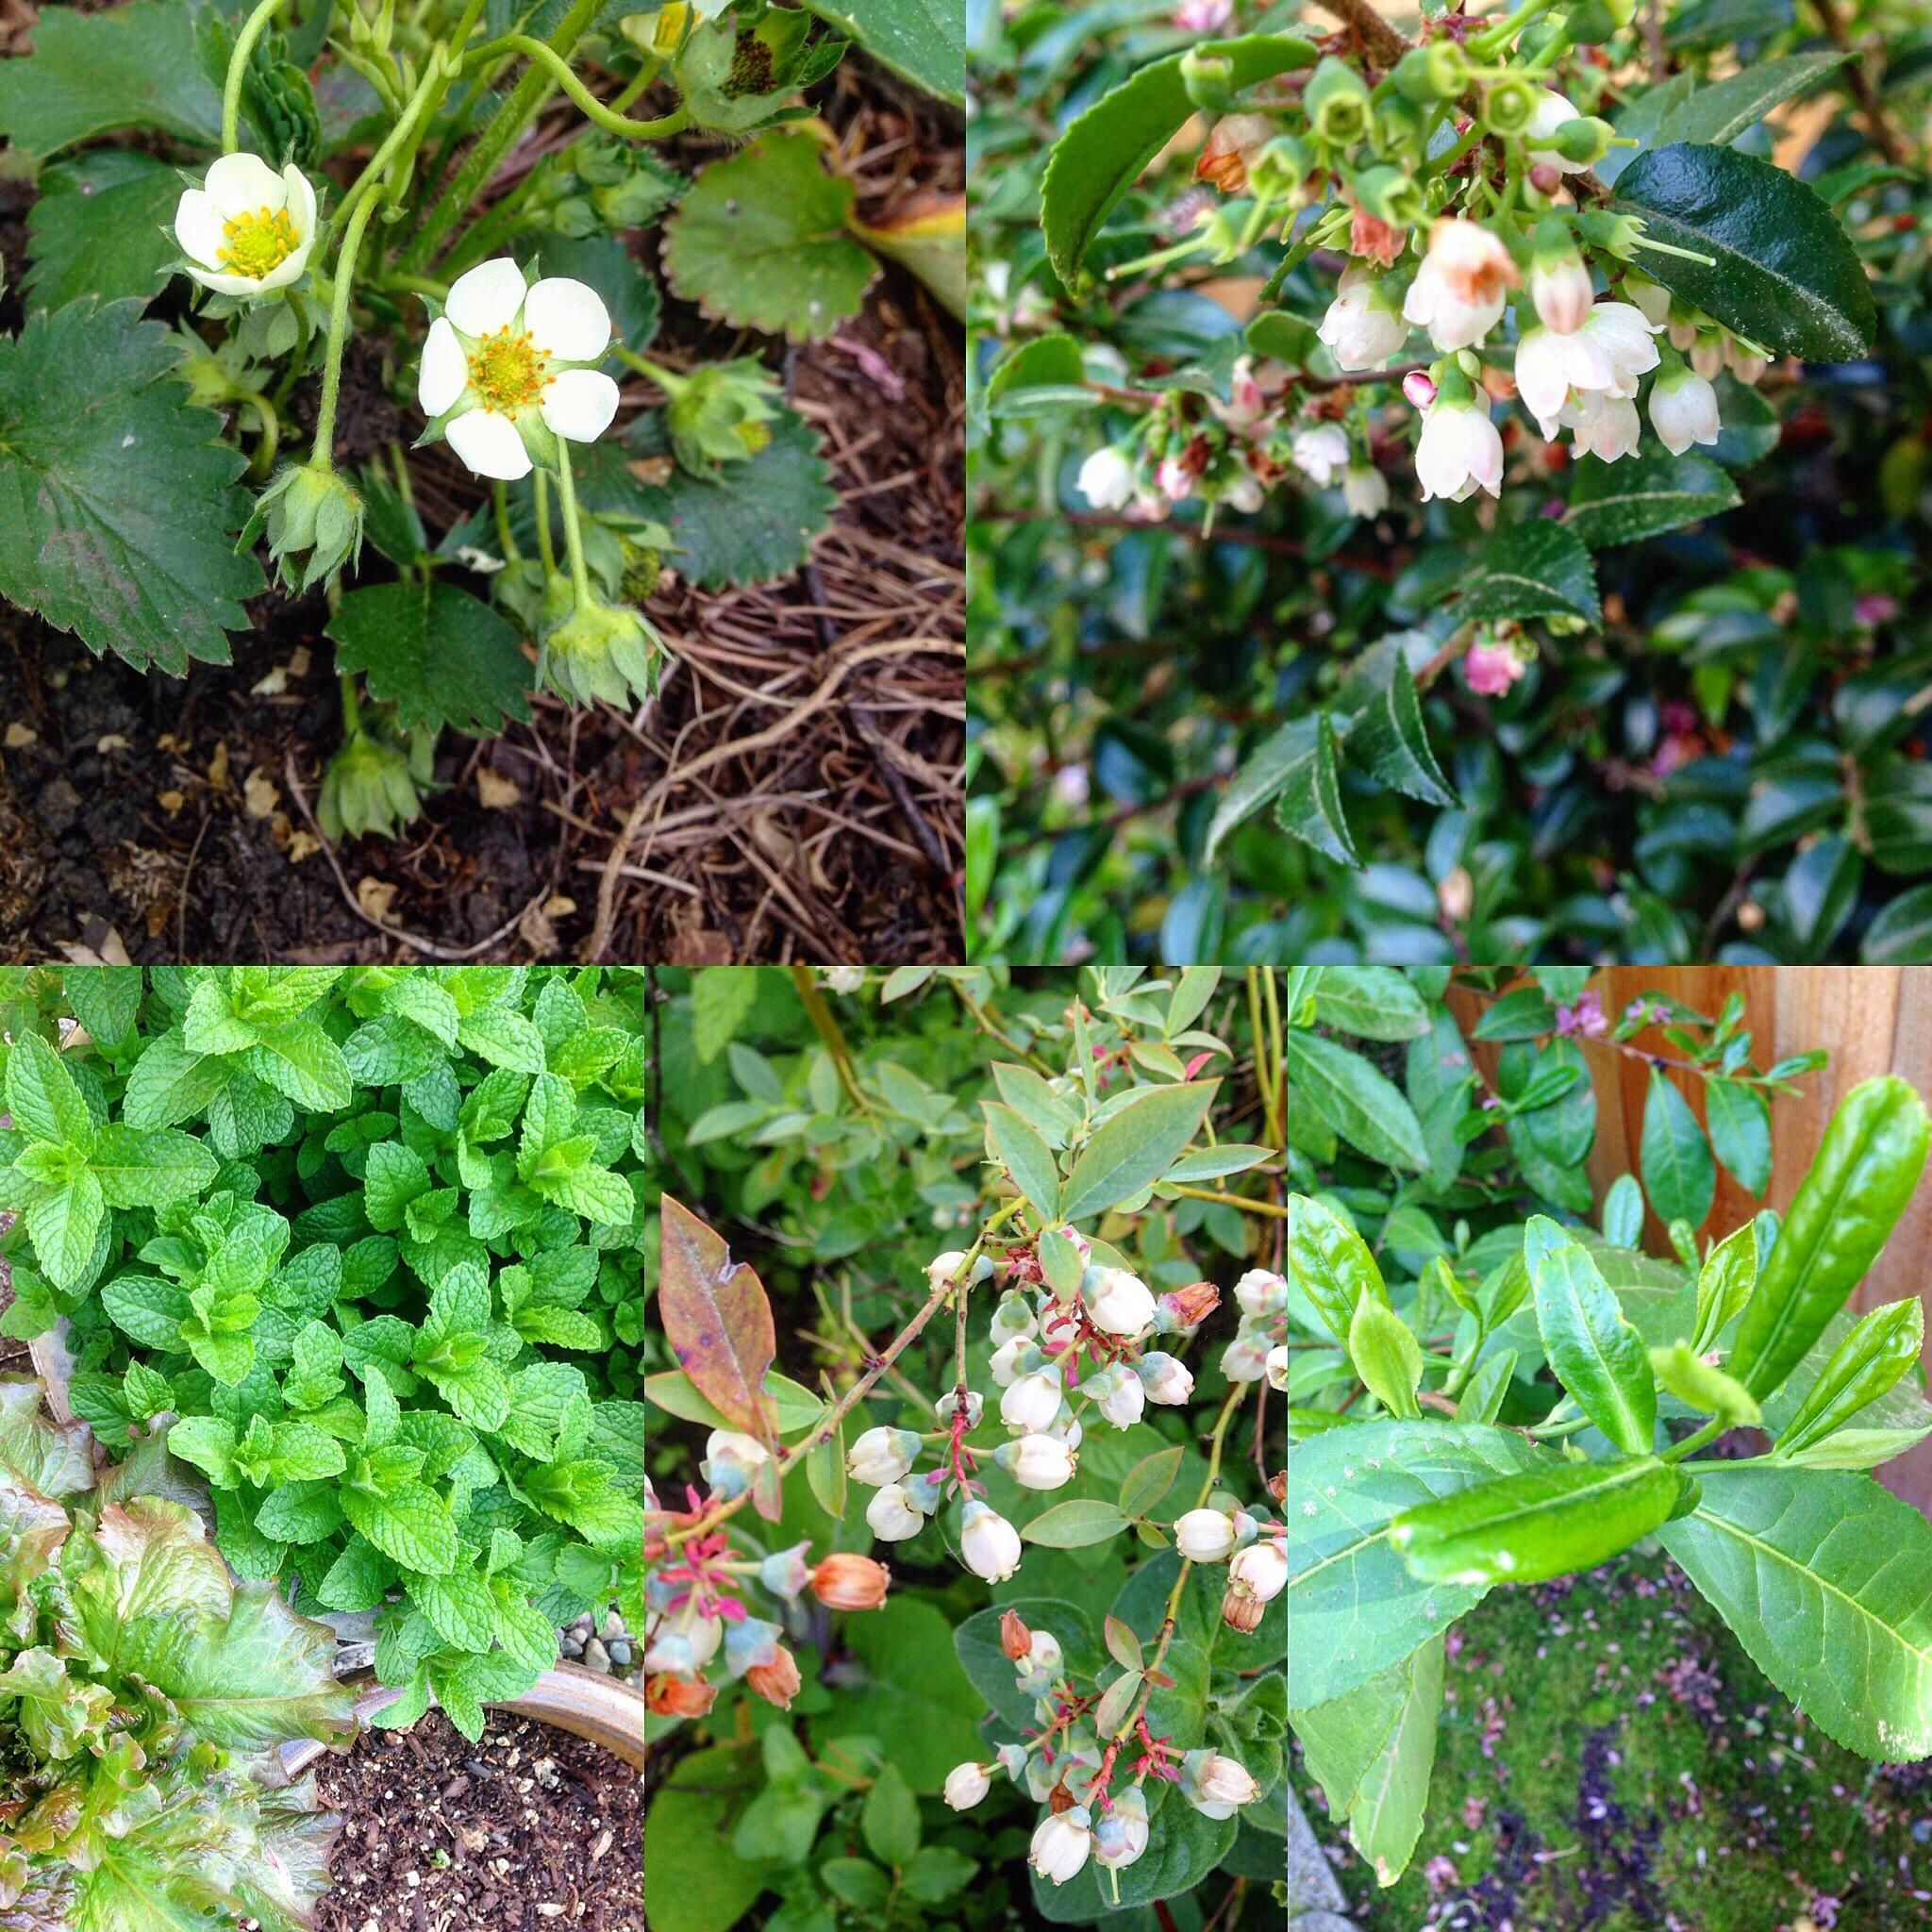 Strawberries, Huckleberries, Mint, Blueberries and Tea in the Garden